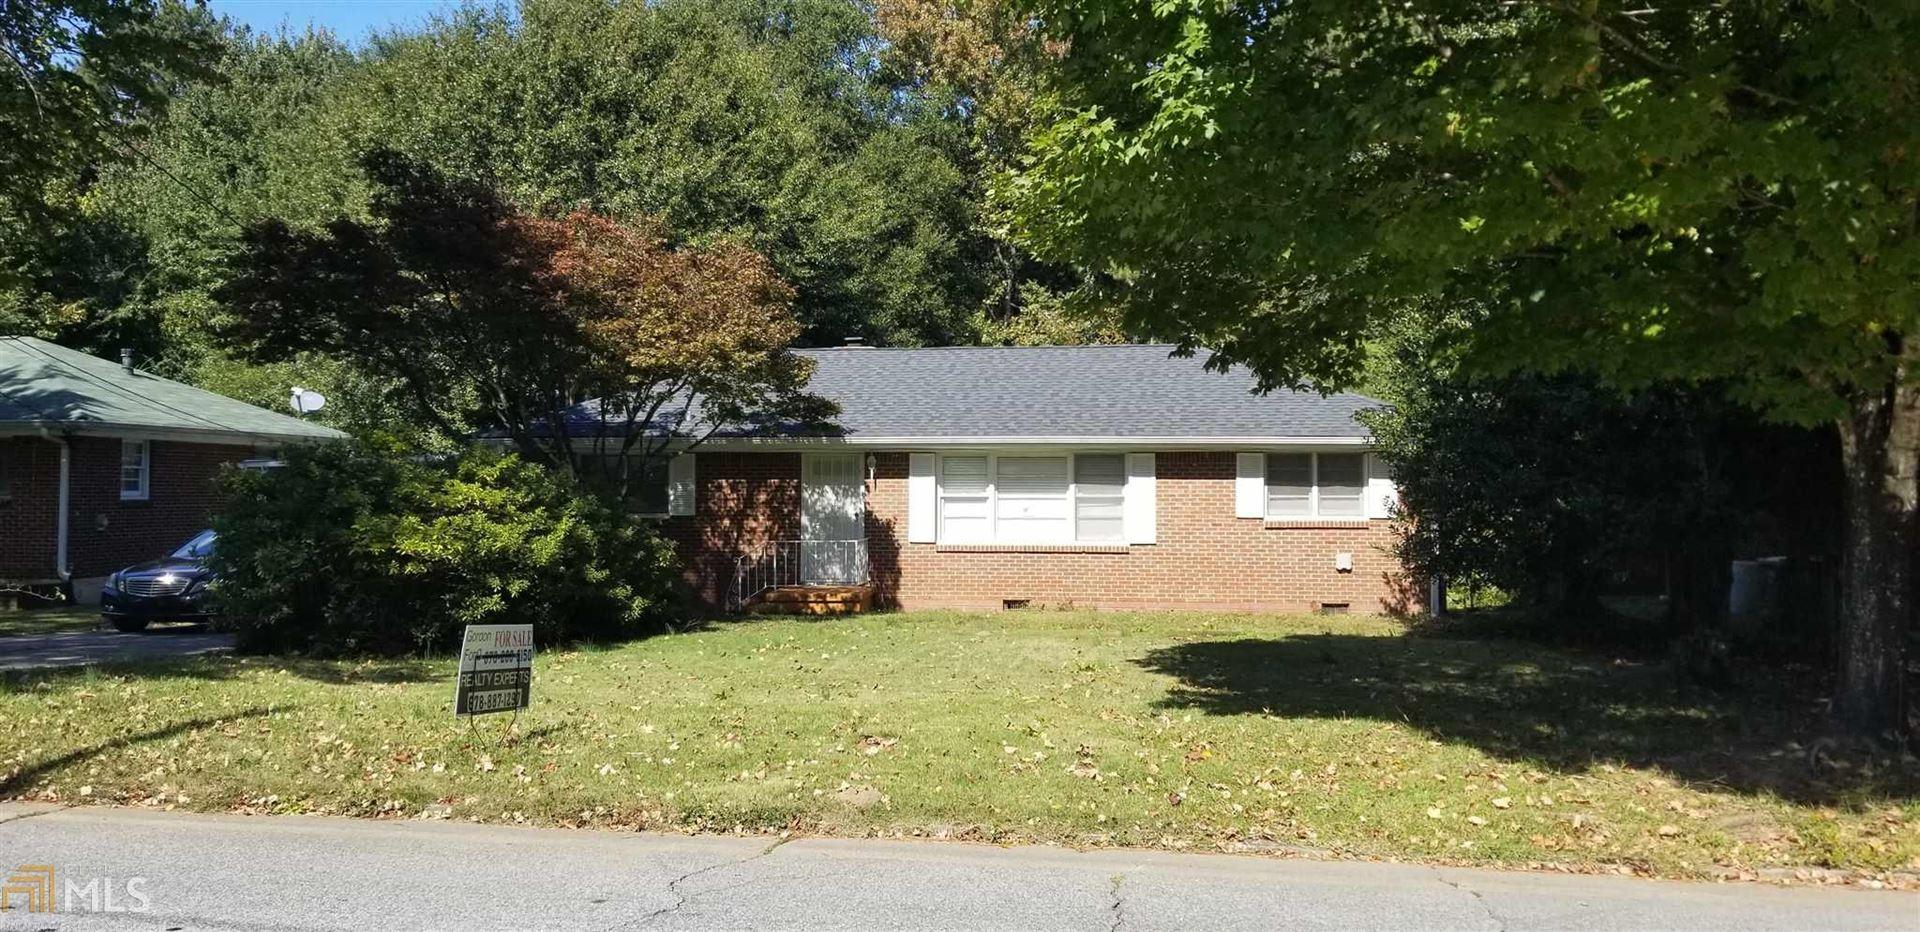 394 Cynthia Ln, Forest Park, GA 30297 - #: 8891677